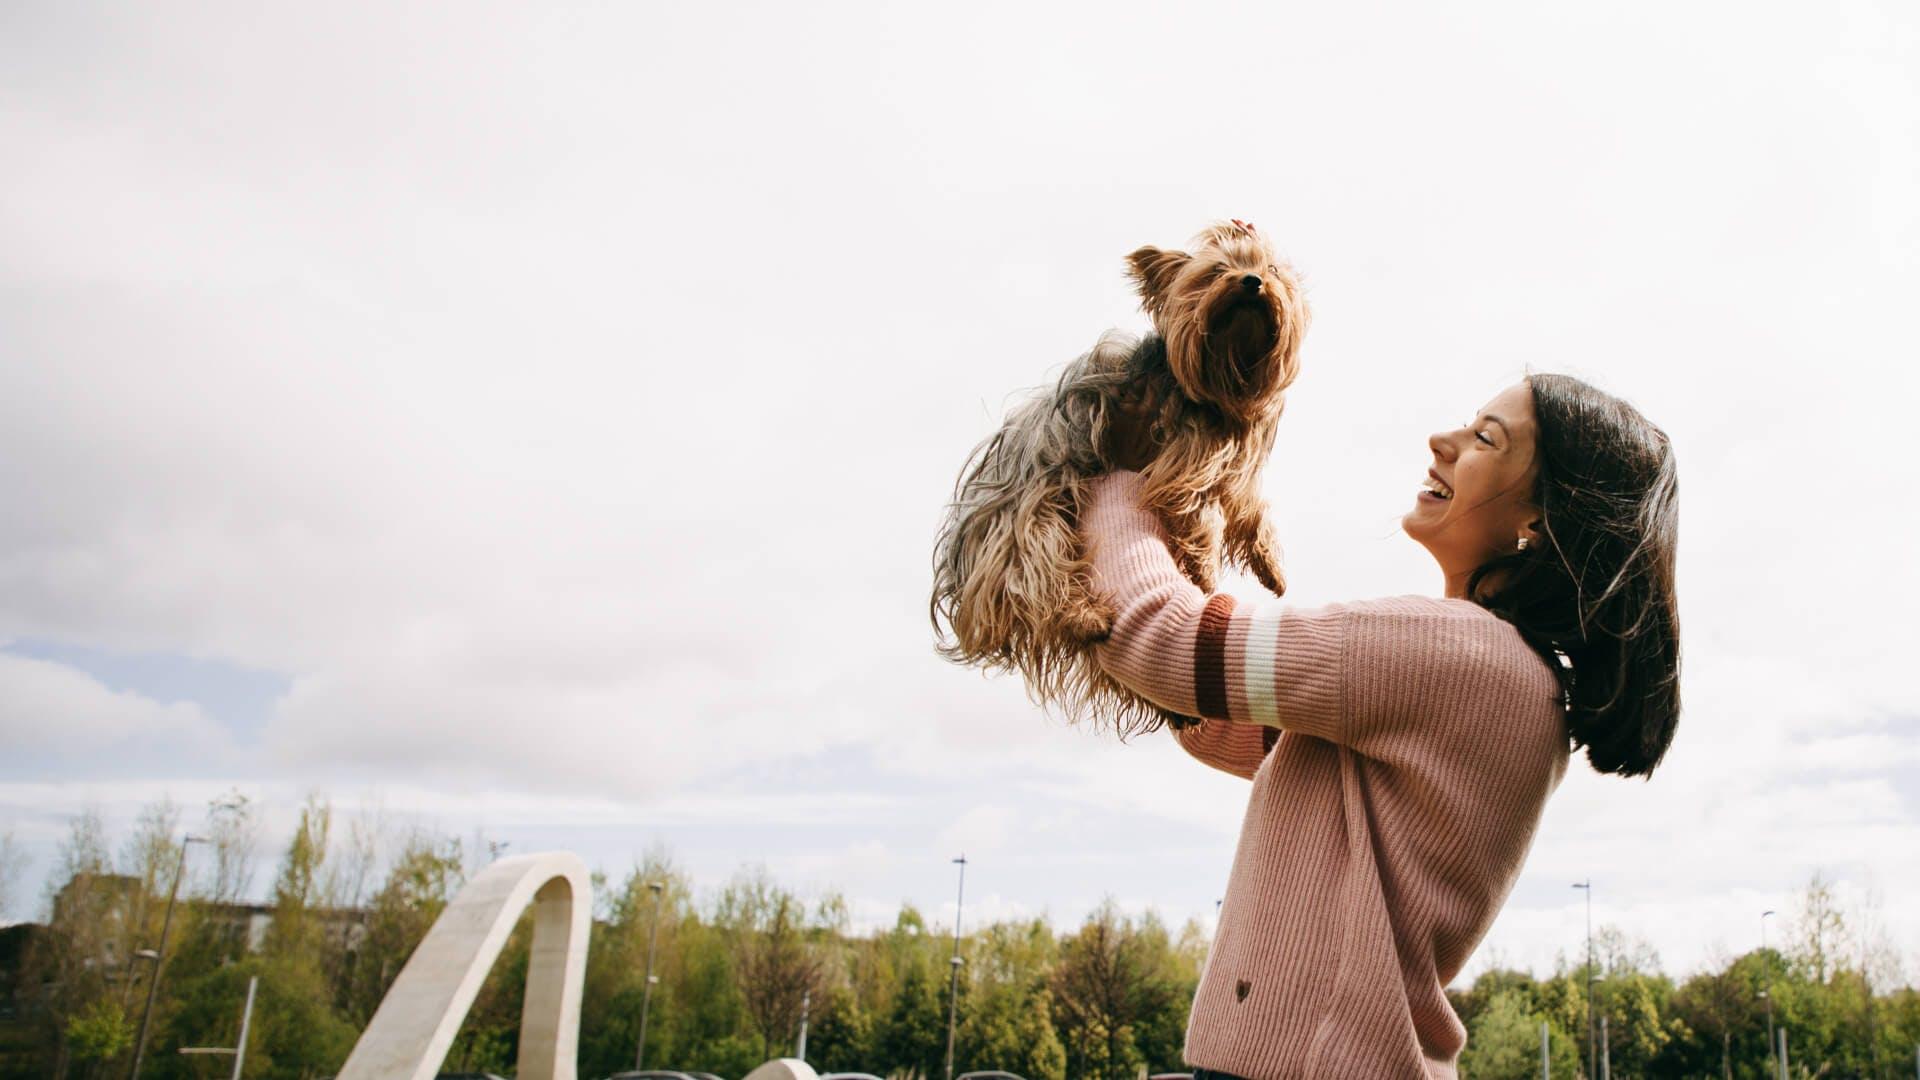 Uma mulher feliz enquanto brinca com o seu cão, um Yorkshire Terrier